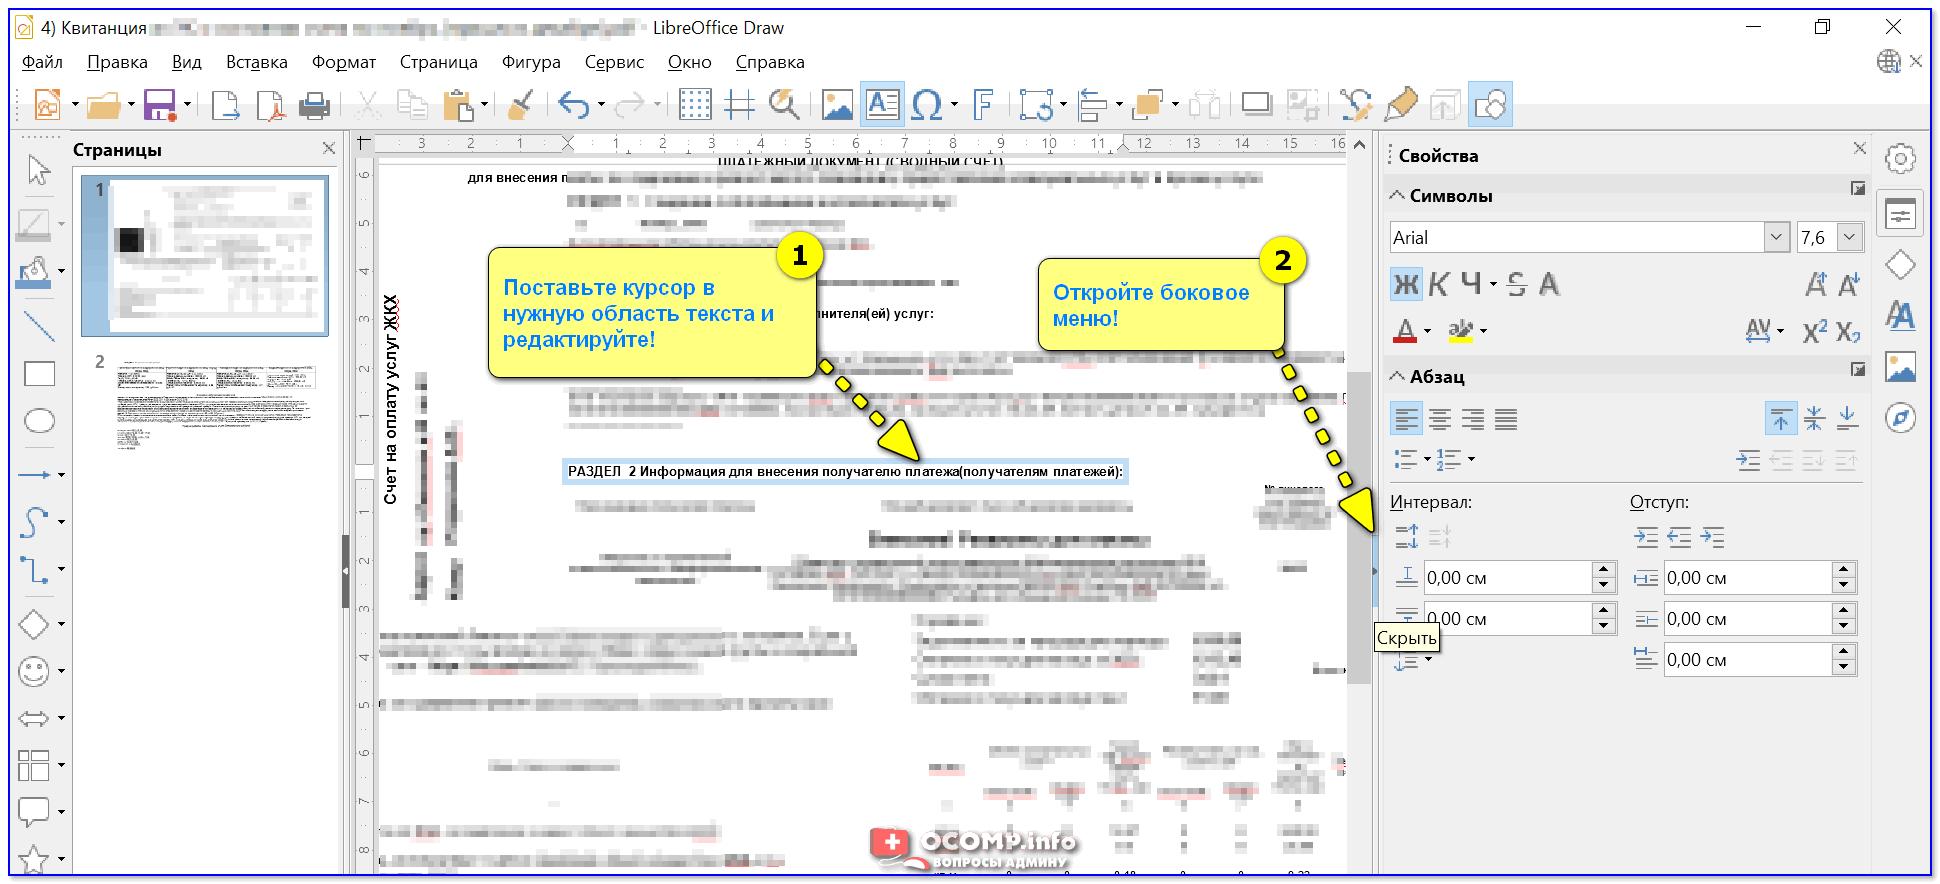 Скрин работы с LibreOffice Draw